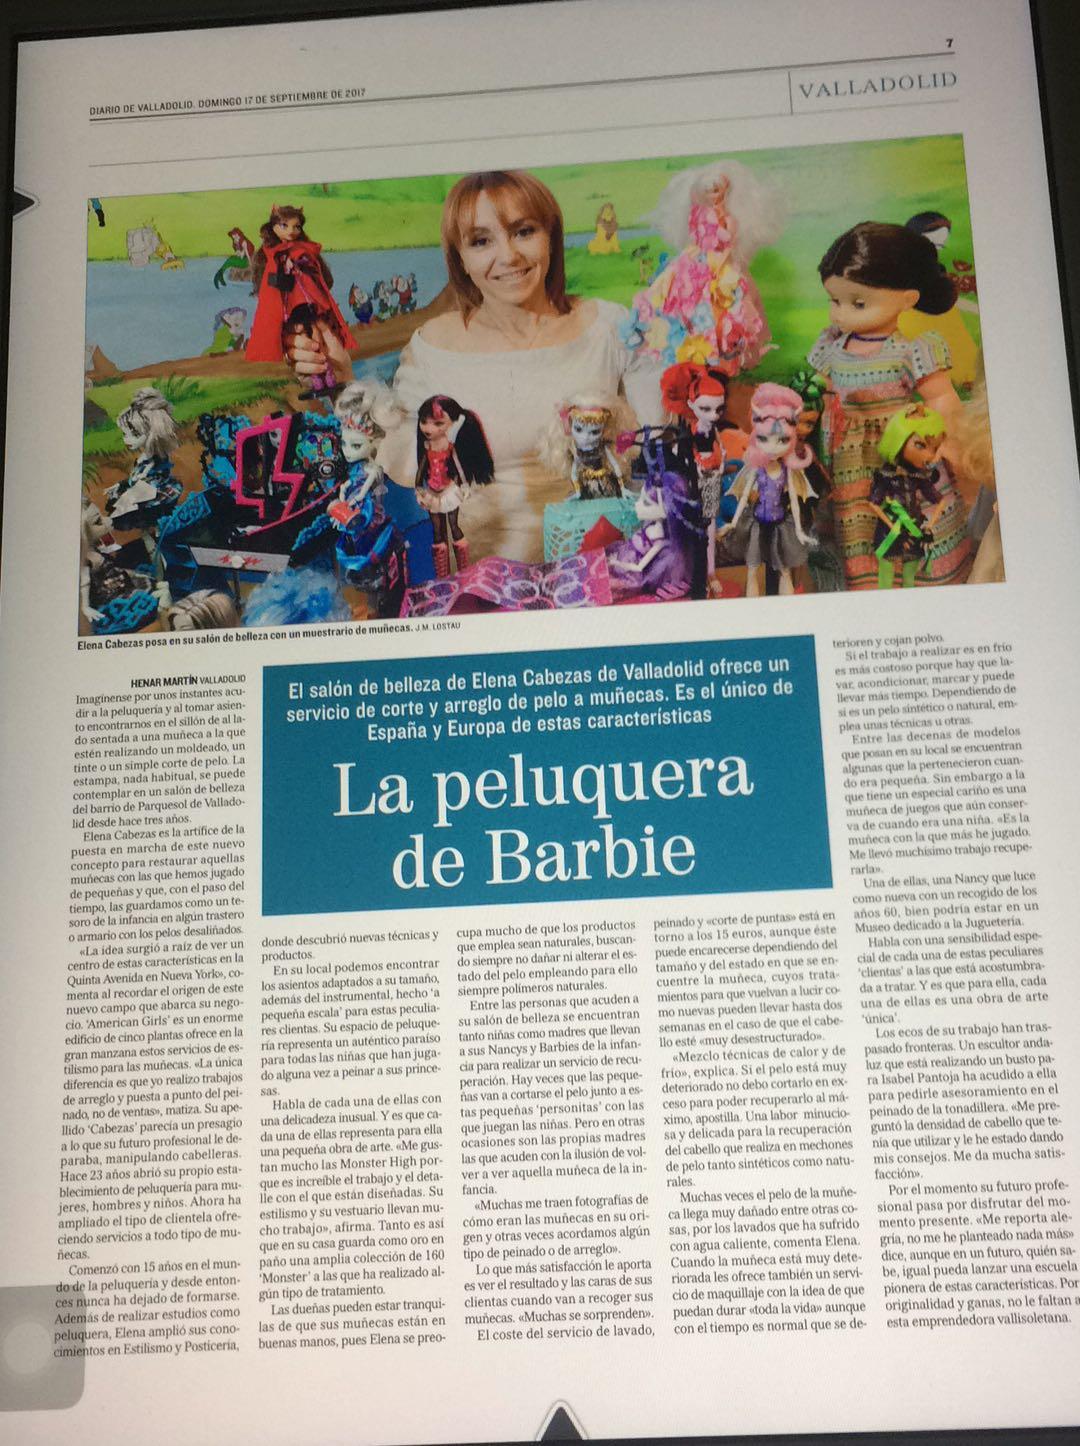 Artículo La peluquera de Barbie por el Diario de Valladolid